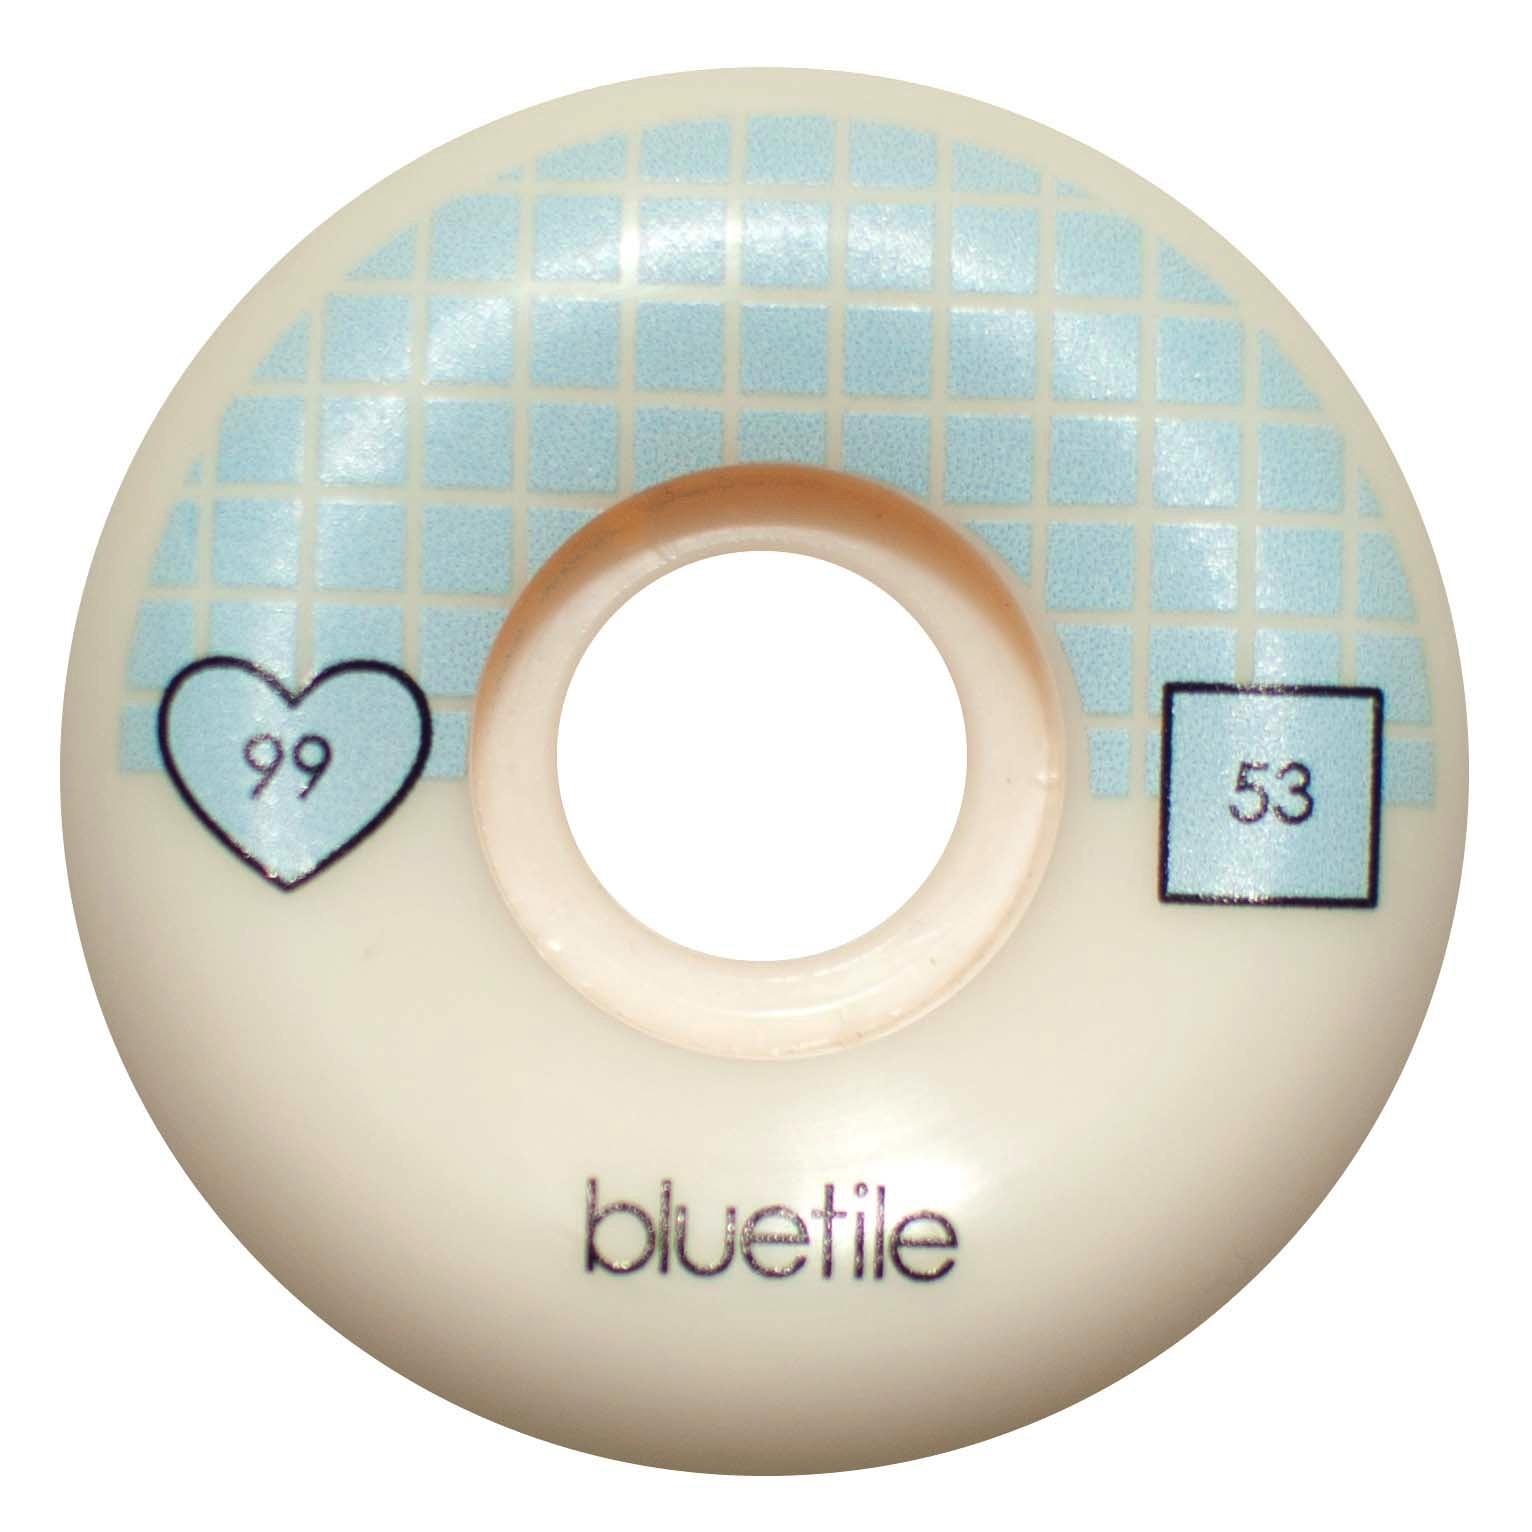 BLUETILE BLUETILE WHEELS 53MM 99a CONICAL